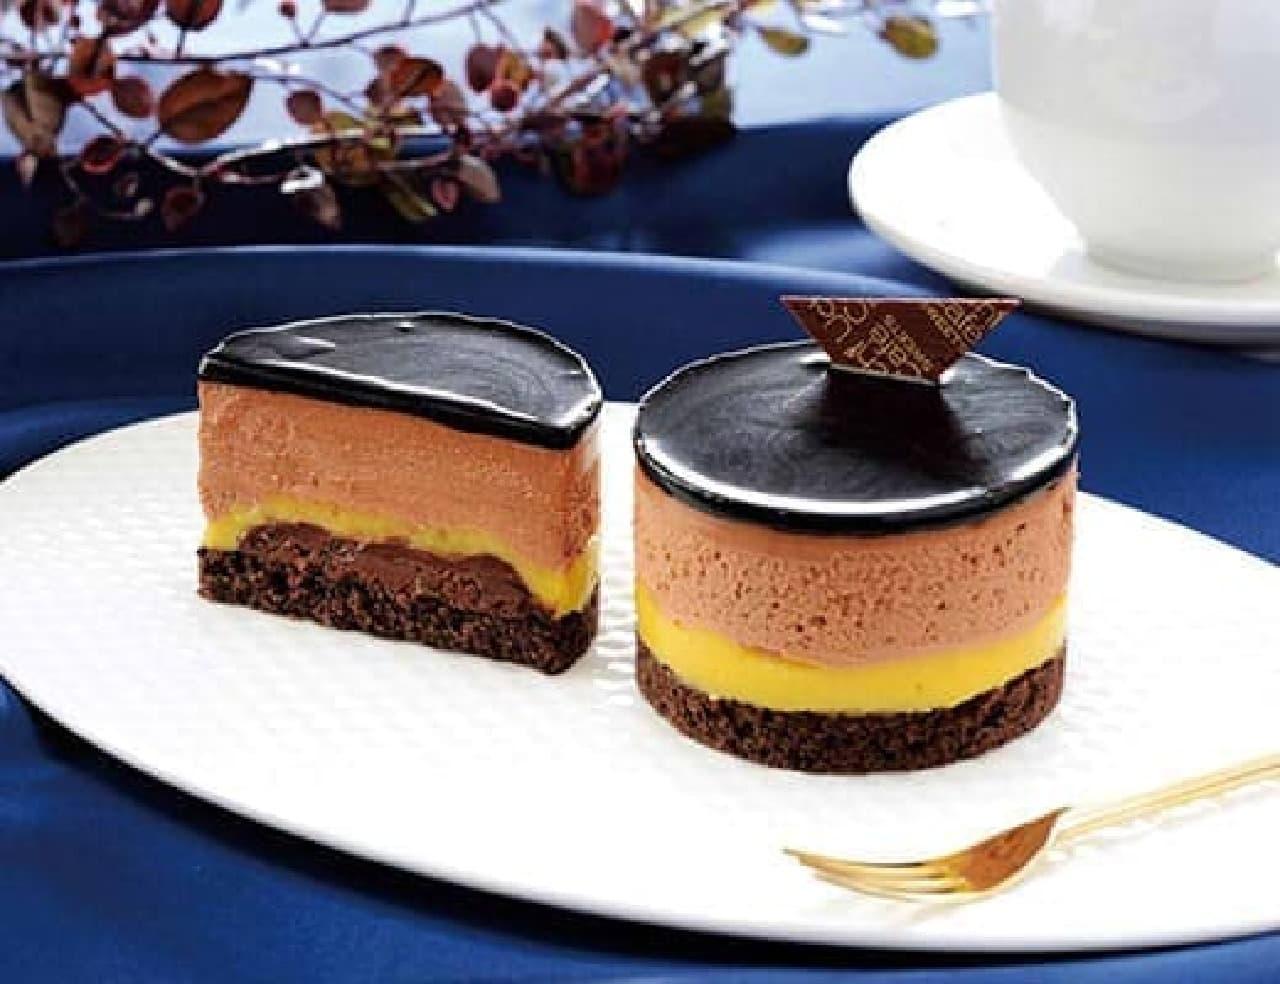 ローソン「ベルガモット香るチョコレートケーキ」